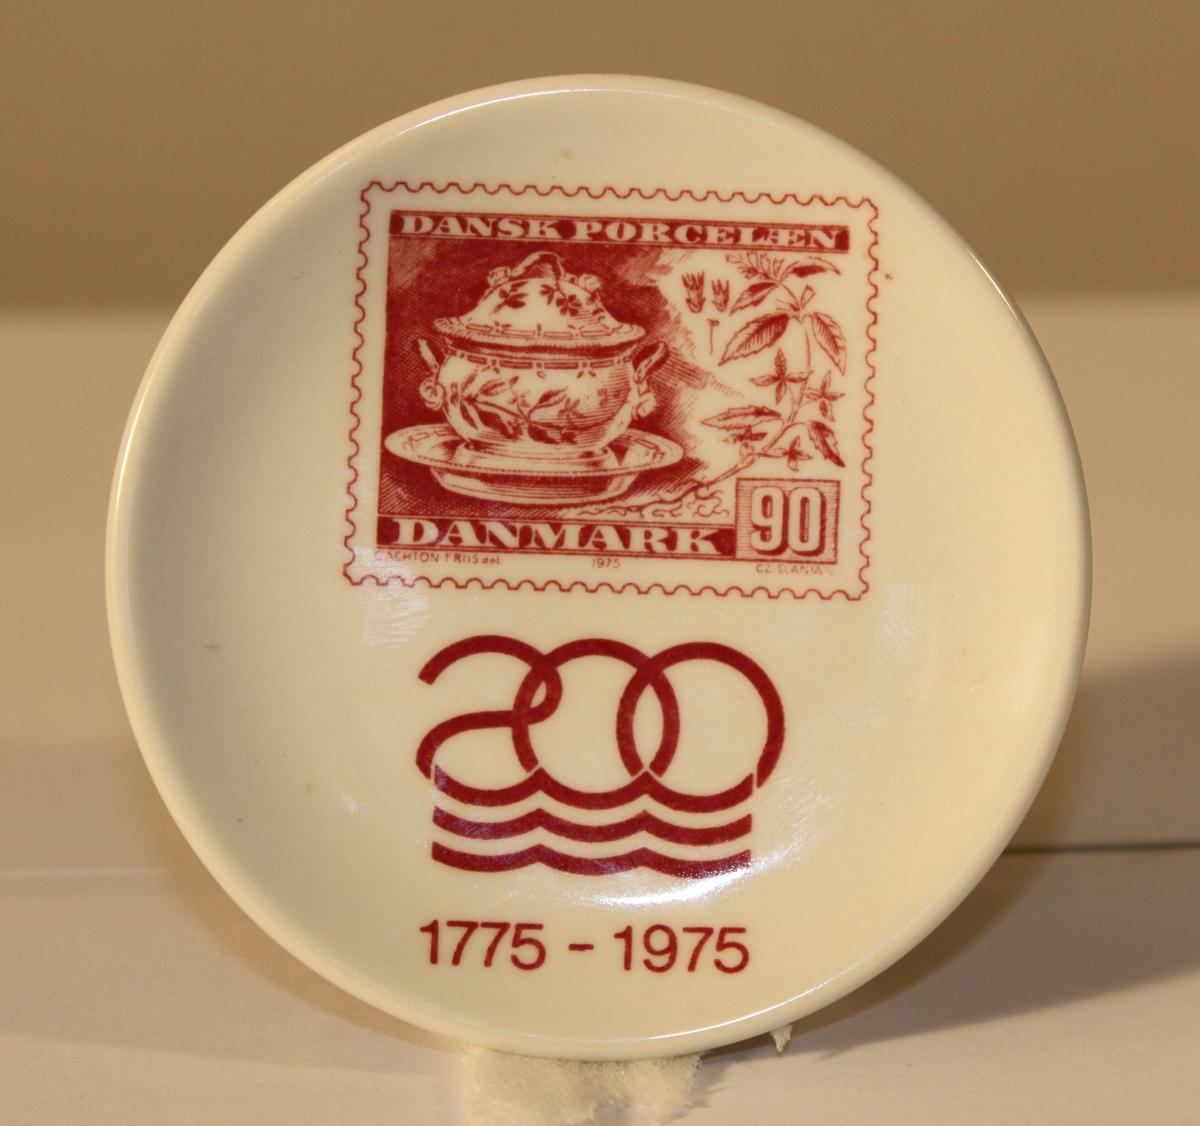 Fat i miniatyrmodell med frimärksmotiv. Frimärket som avbildas är den danska utgåvan av Royal Copenhagens  200 års jubileum i valören 90 öre från 1975.